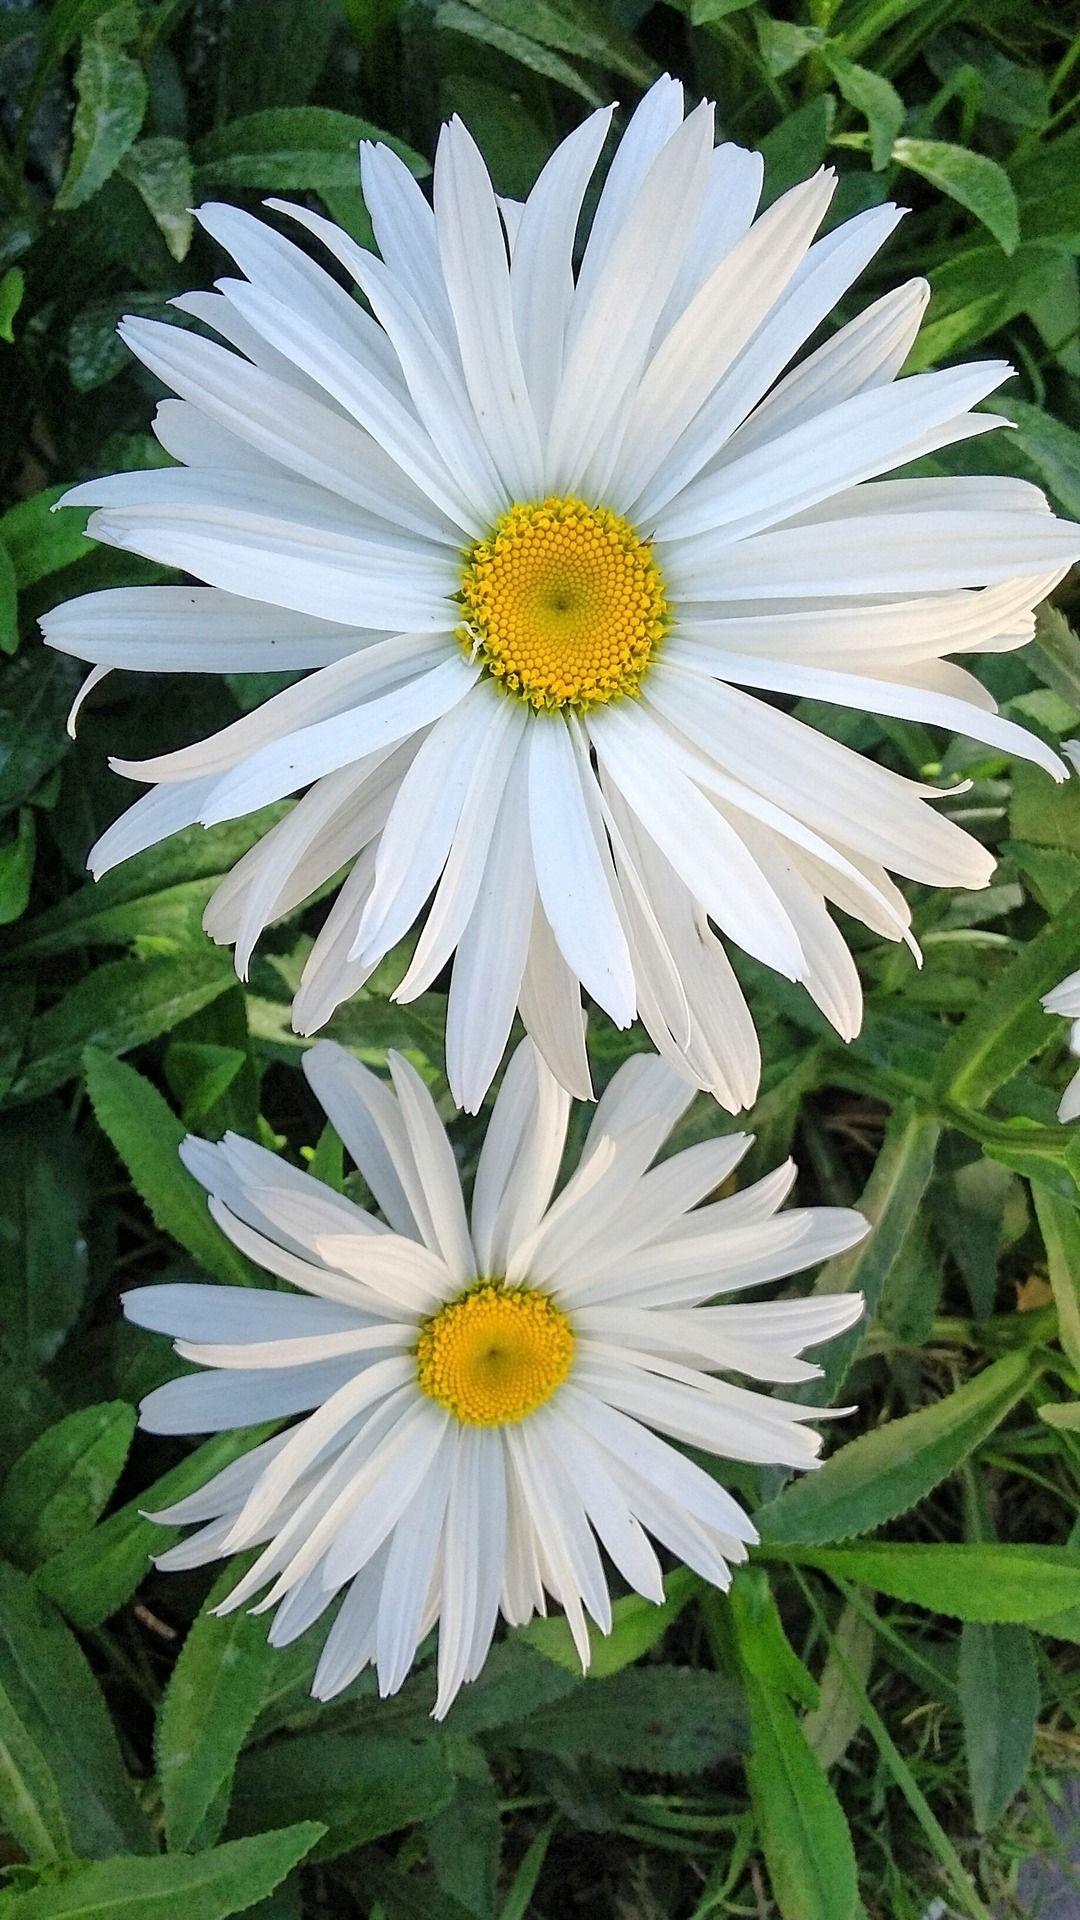 Manejemos los cambios con alegria y tranquilidad fotos - Fotos flores preciosas ...